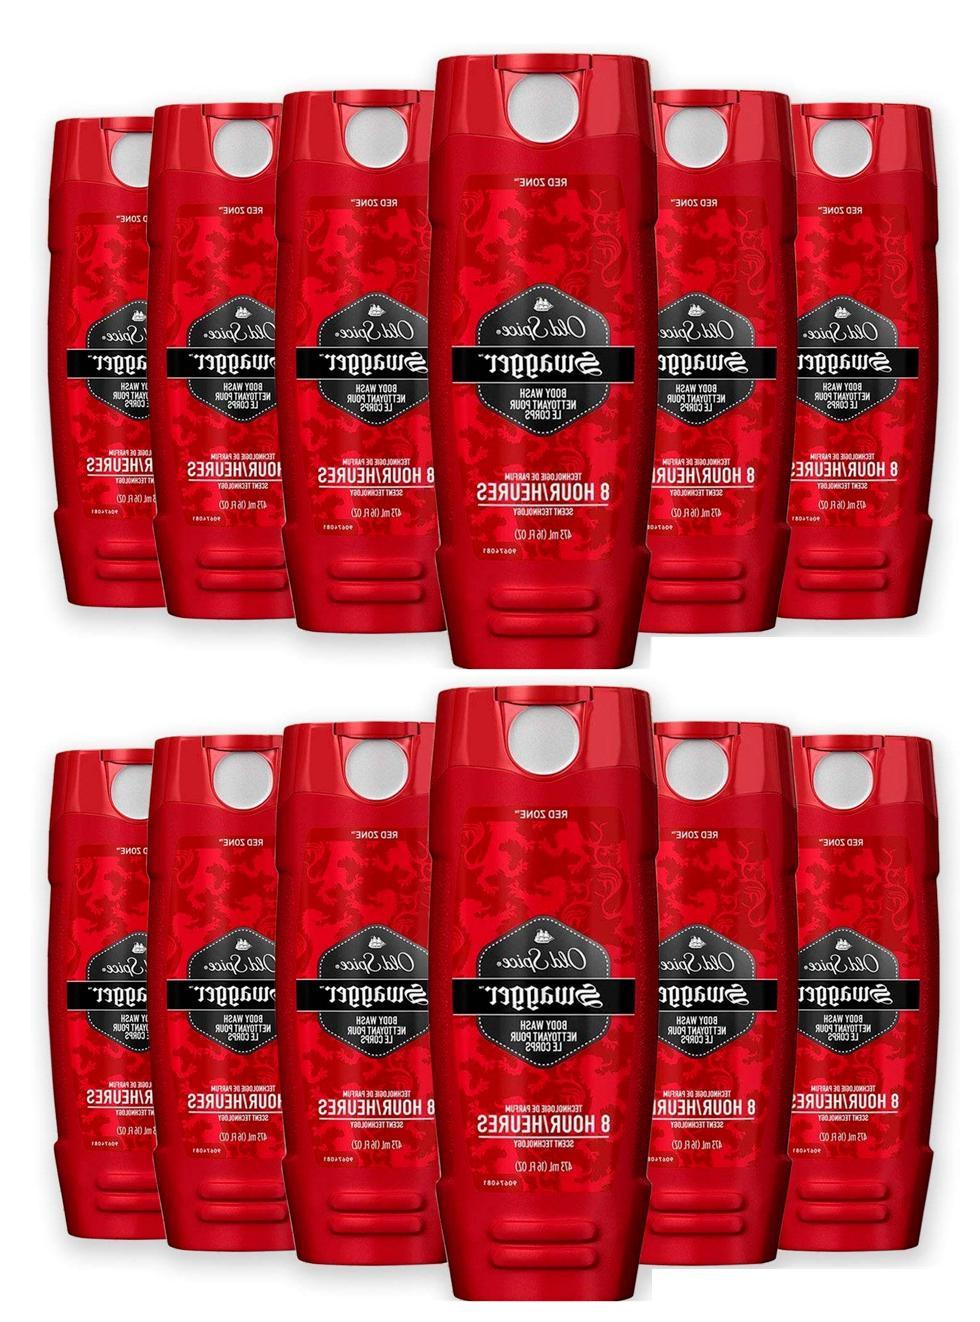 12 16oz bottles red zone body wash